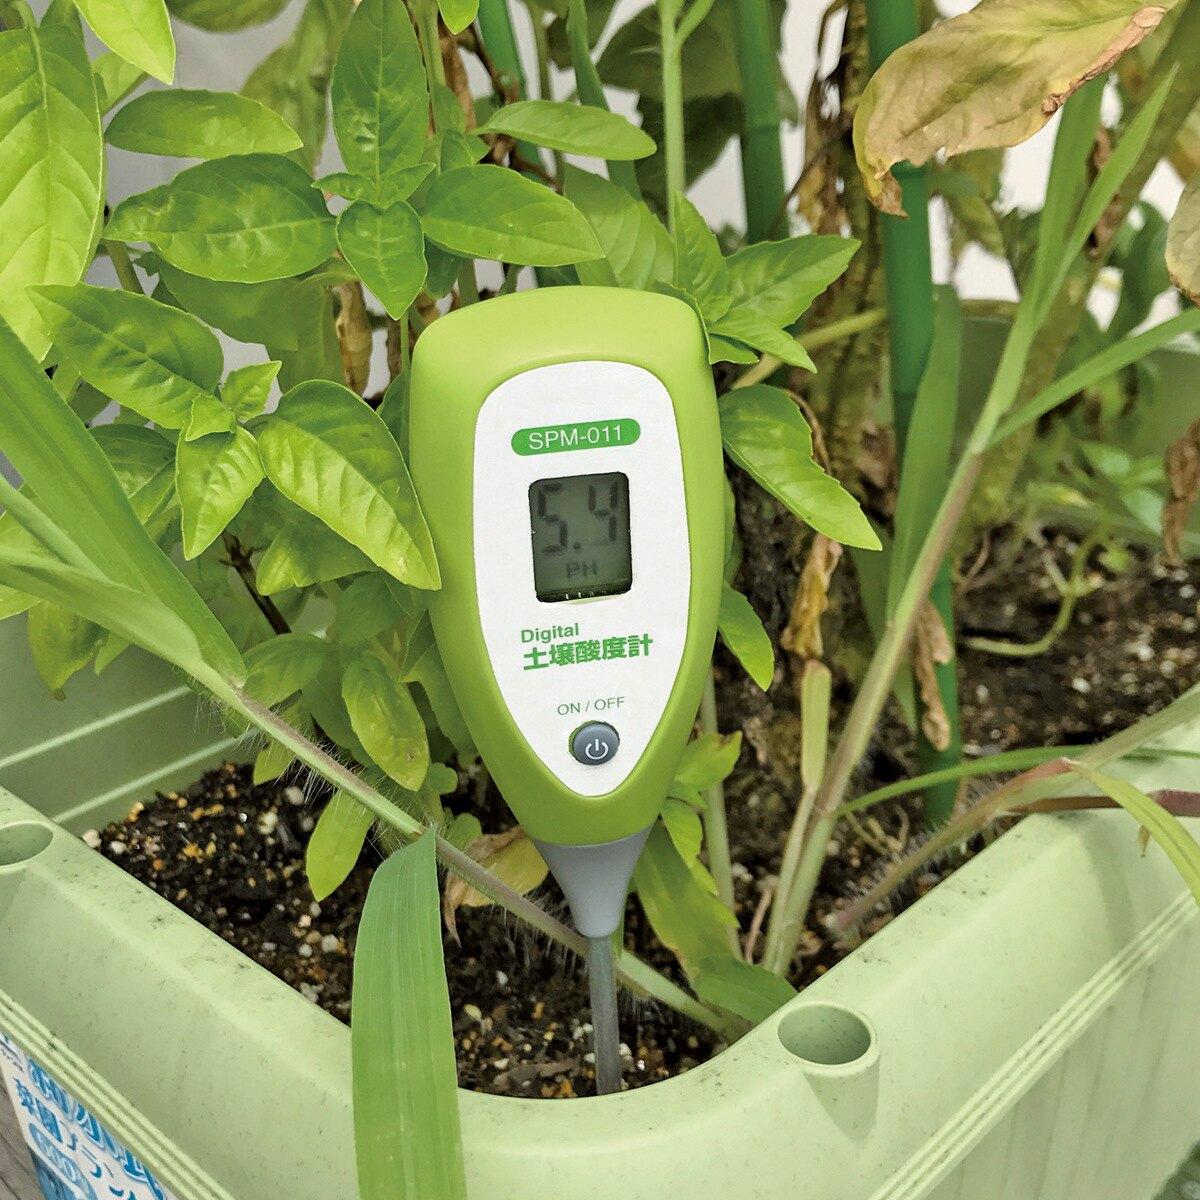 日本高森 SPM-011電子式土壤酸度計